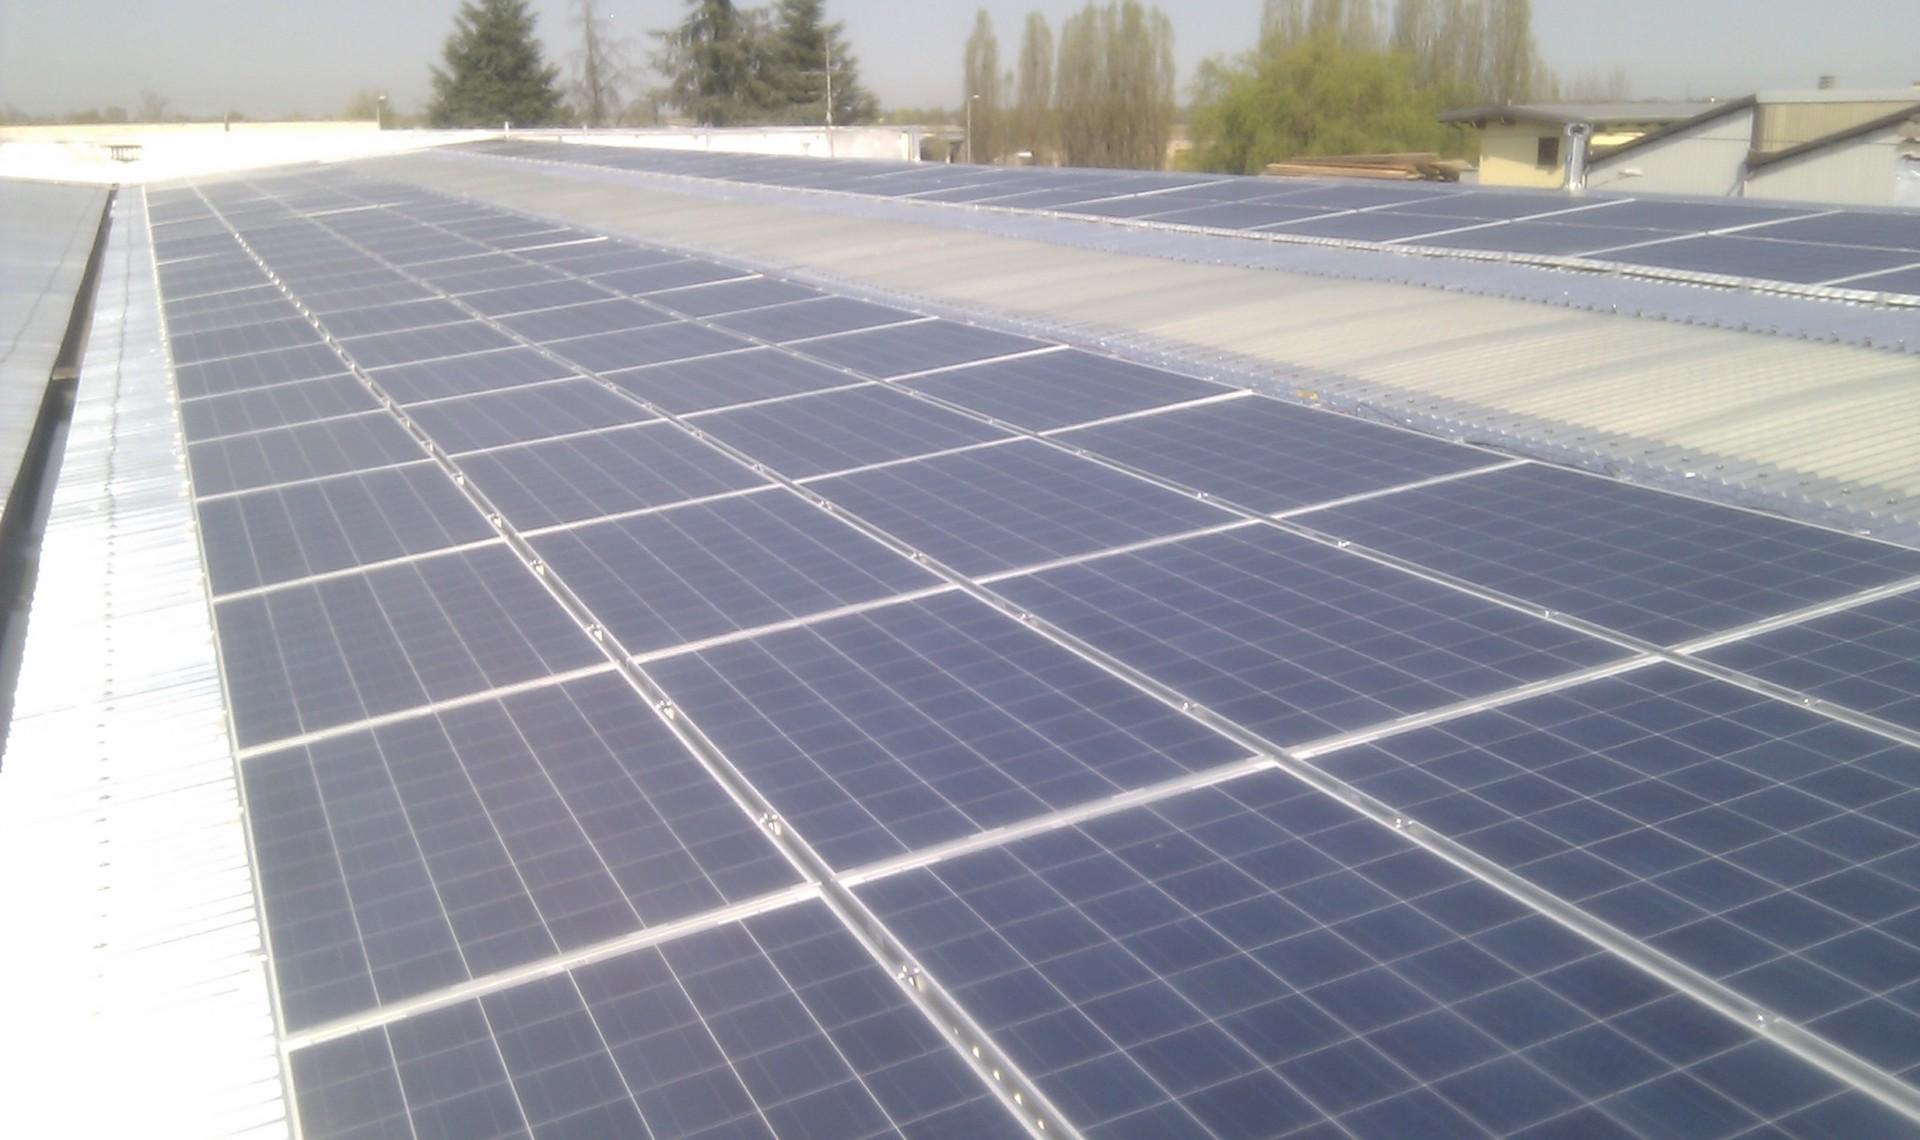 Fotovoltaico 100KW - Modena